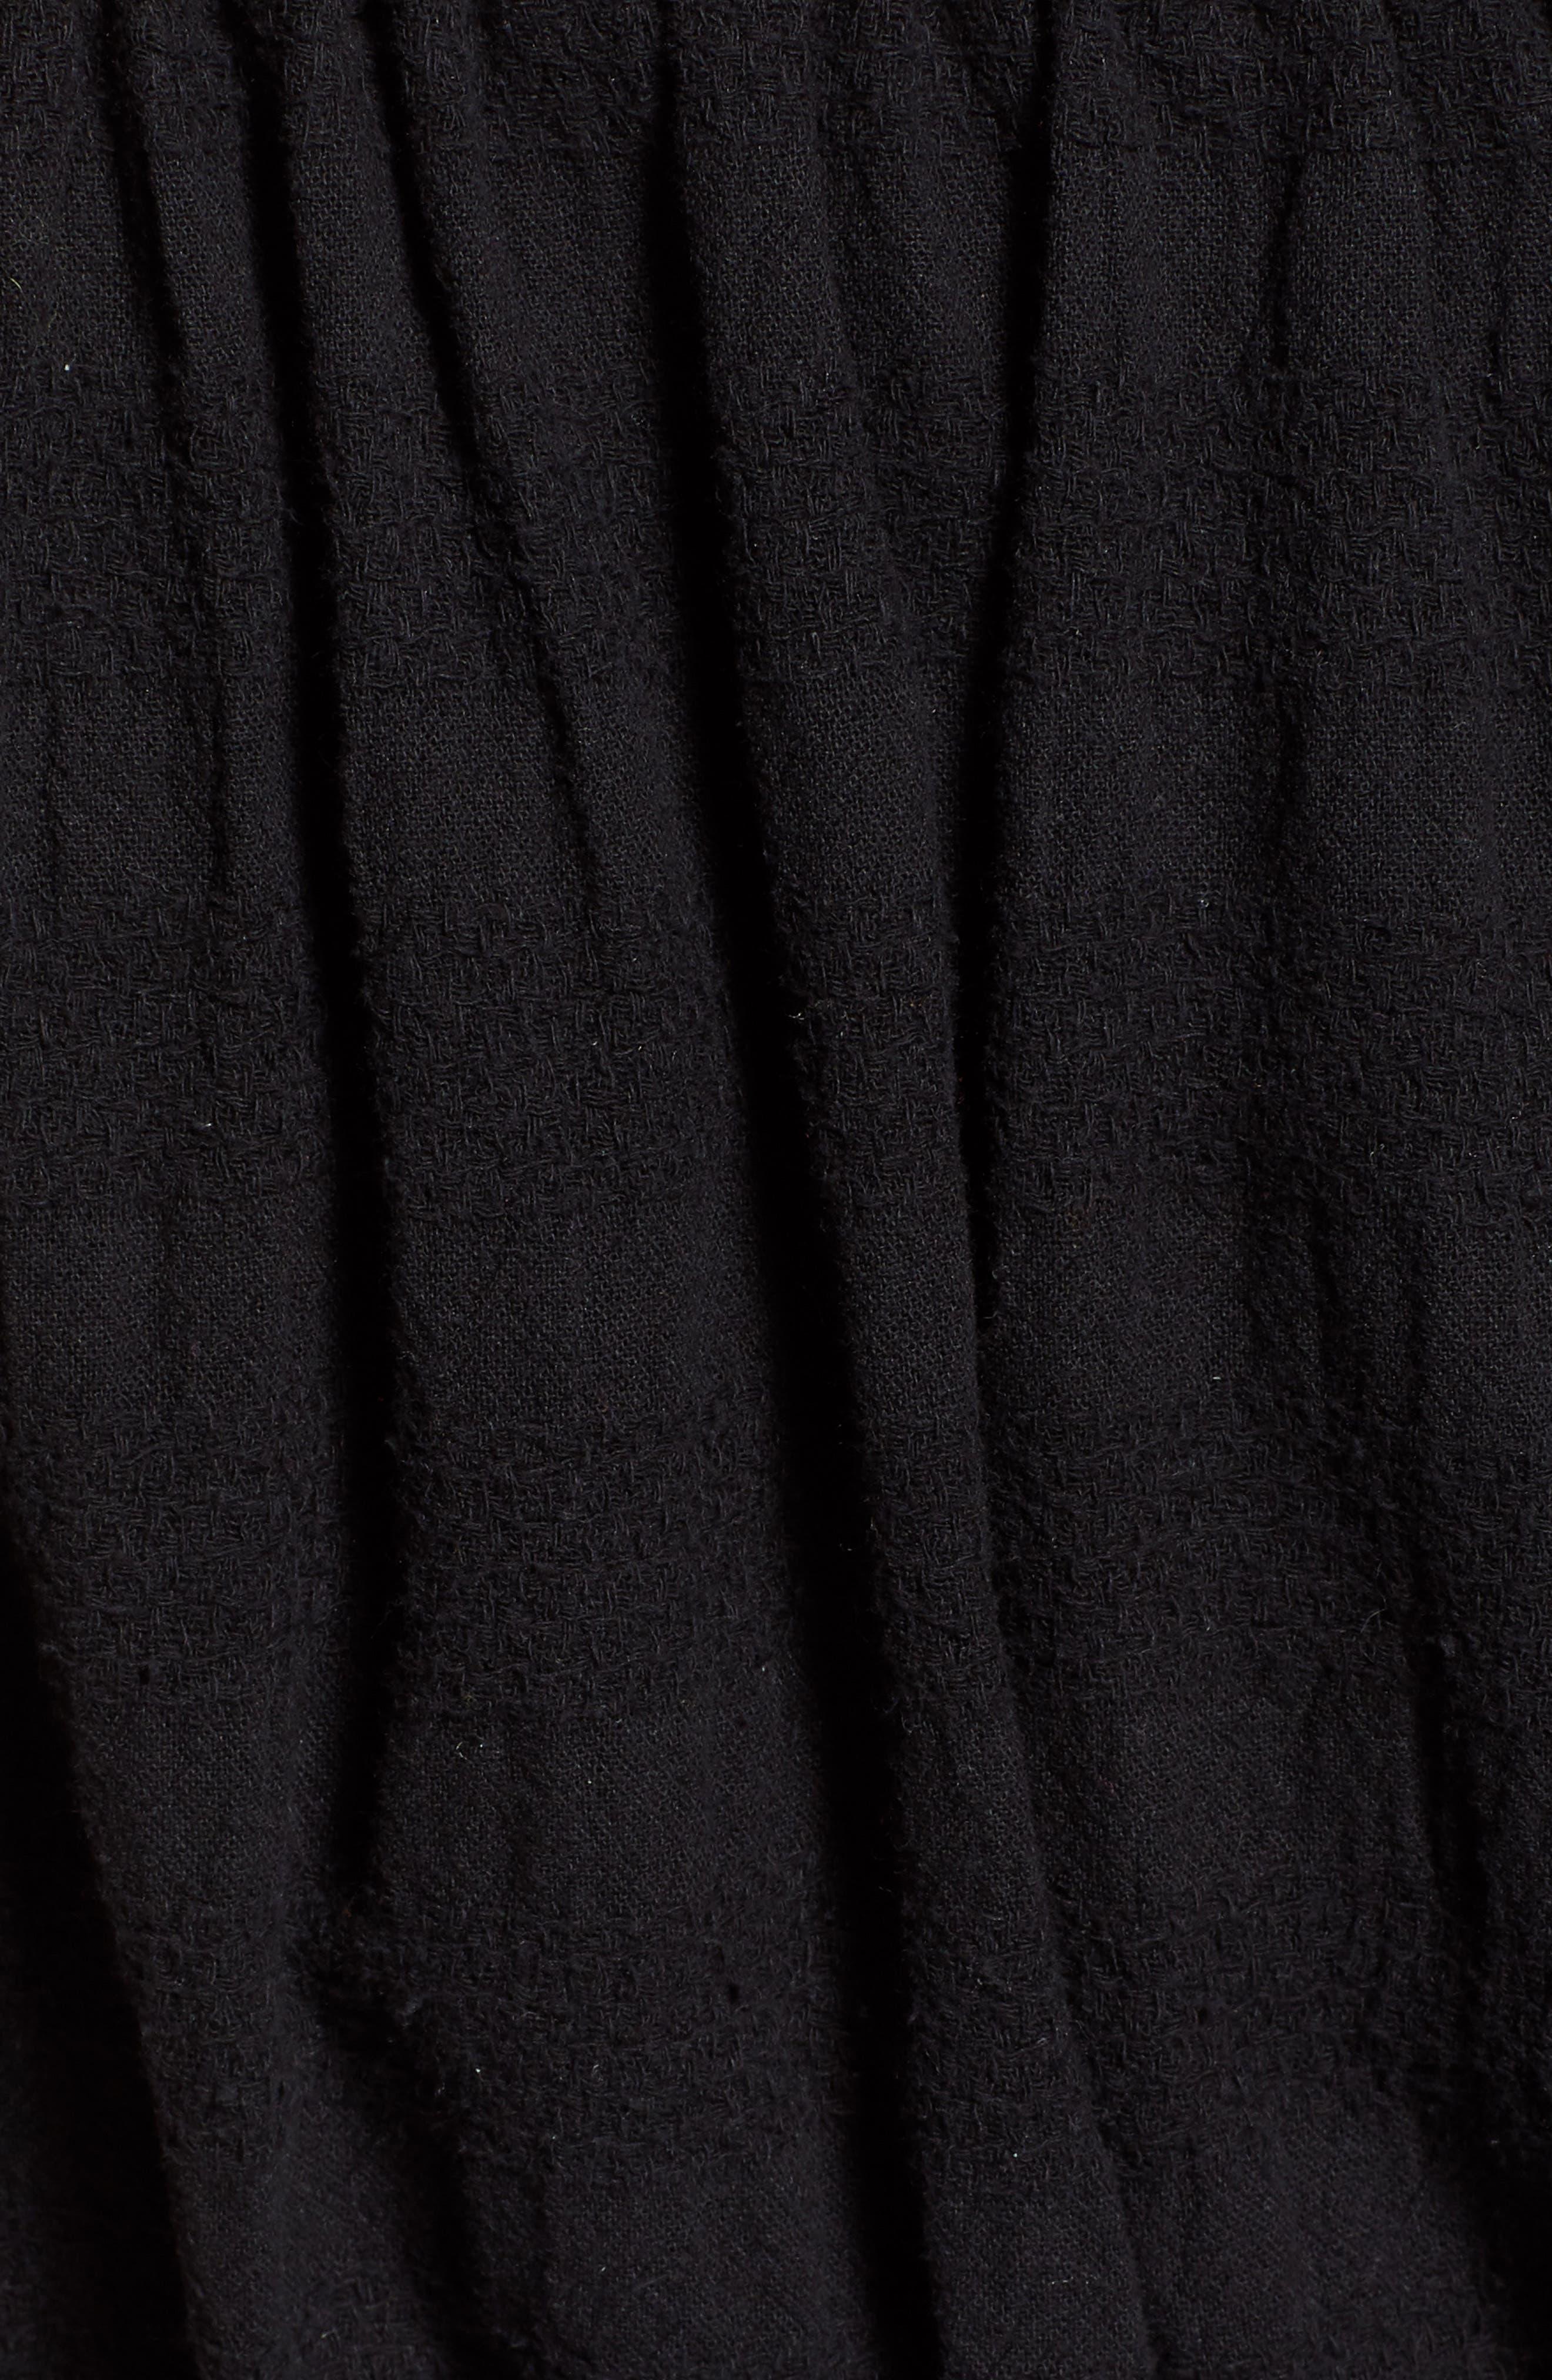 Pompom Off the Shoulder Top,                             Alternate thumbnail 6, color,                             Black